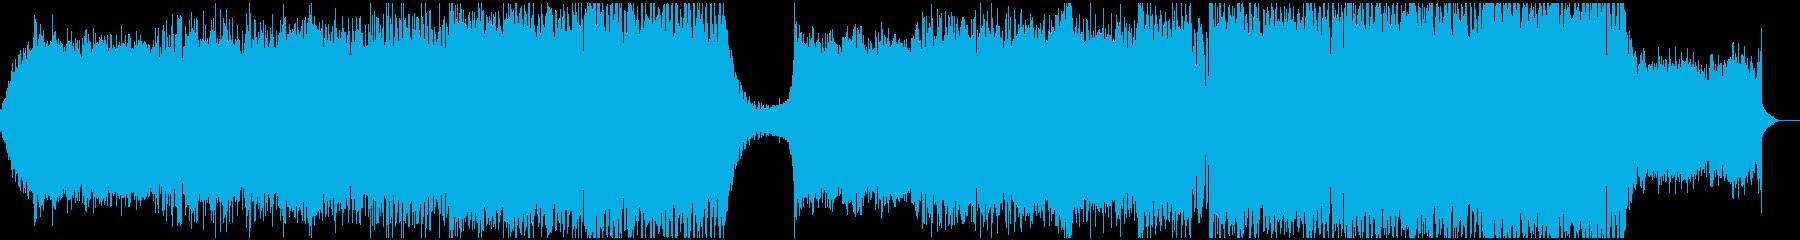 キラキラした春っぽいシンセ主体EDMの再生済みの波形